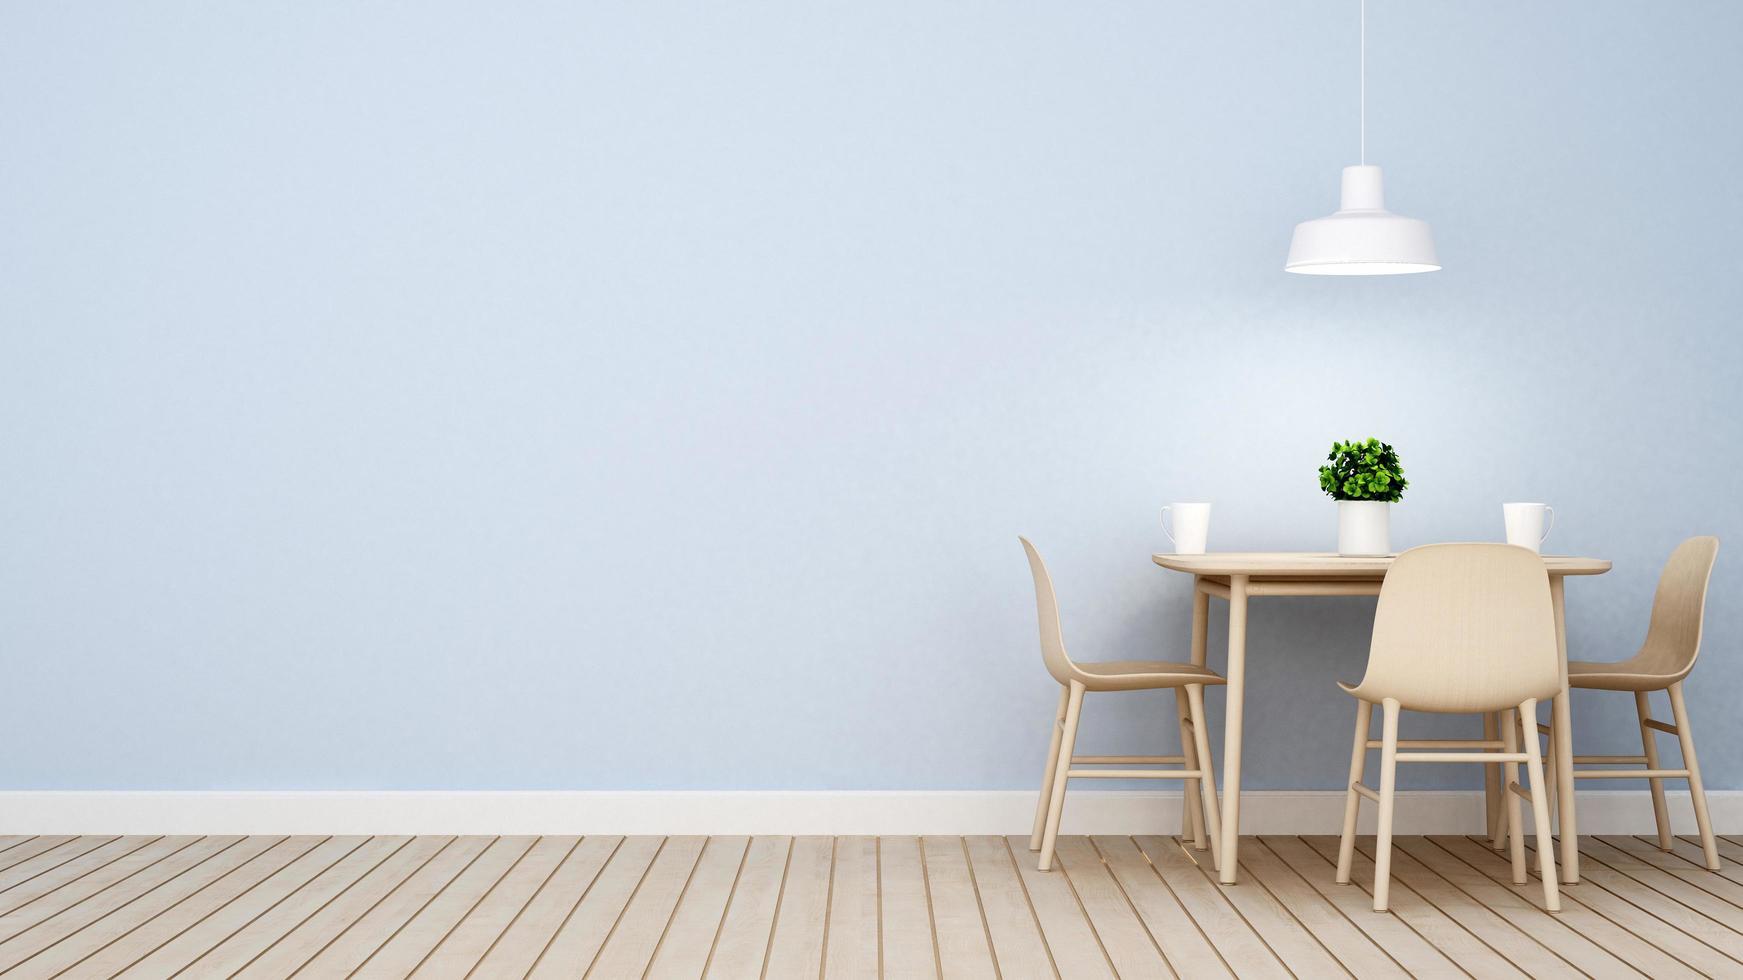 restaurant ou café sur la conception de mur bleu photo